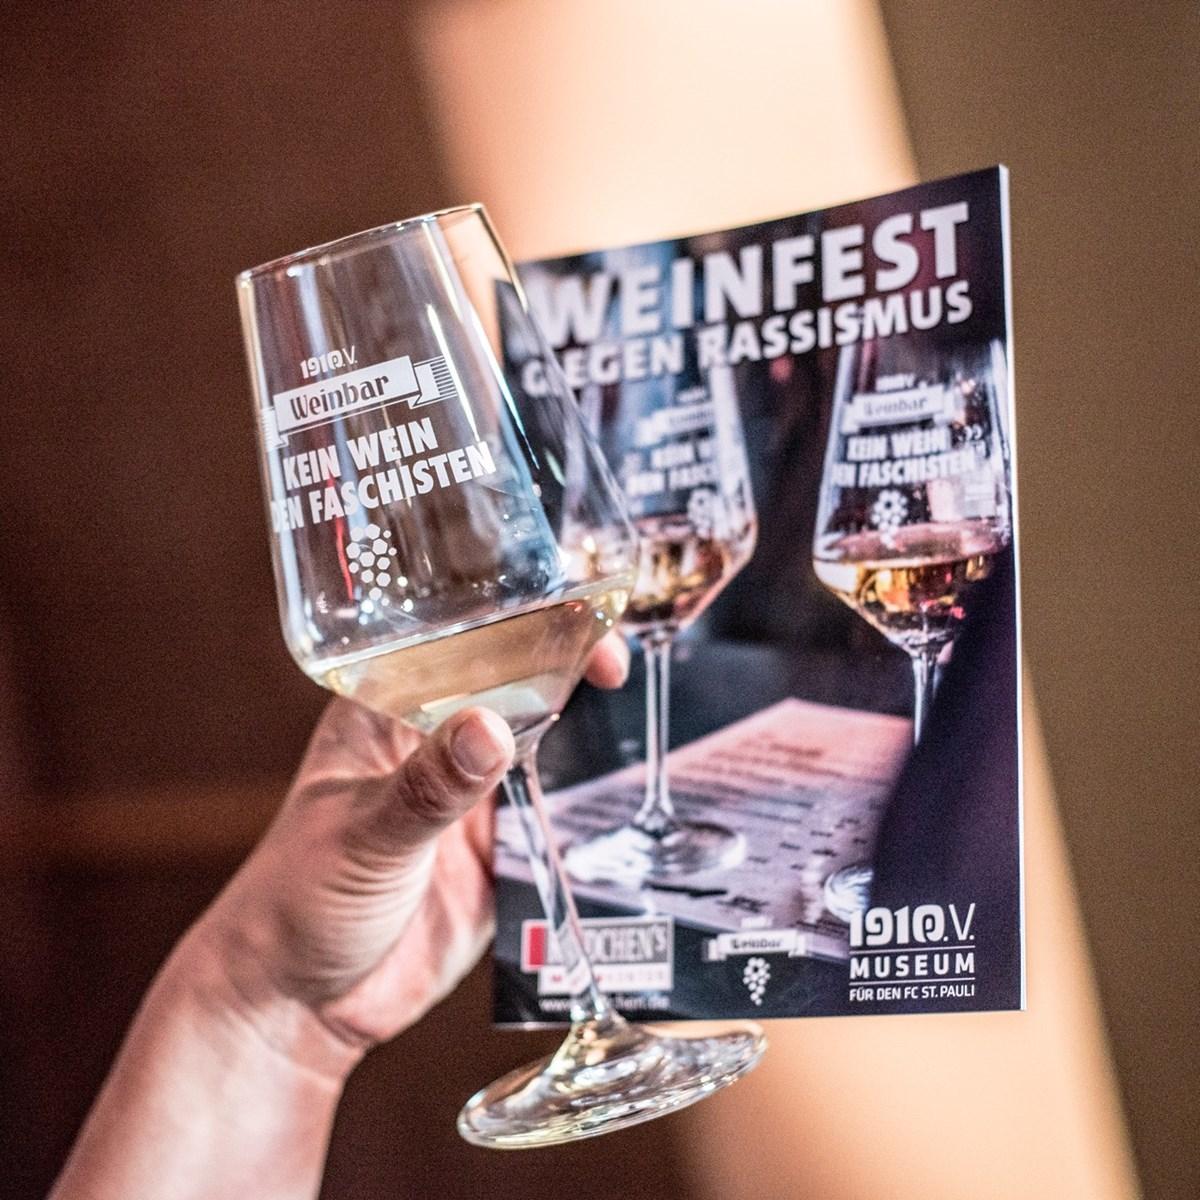 Das Programm zum Weinfest: Die meisten der präsentierten Weine können auch online unter www.rindchen.de/weinfest-2018 bestellt werden.